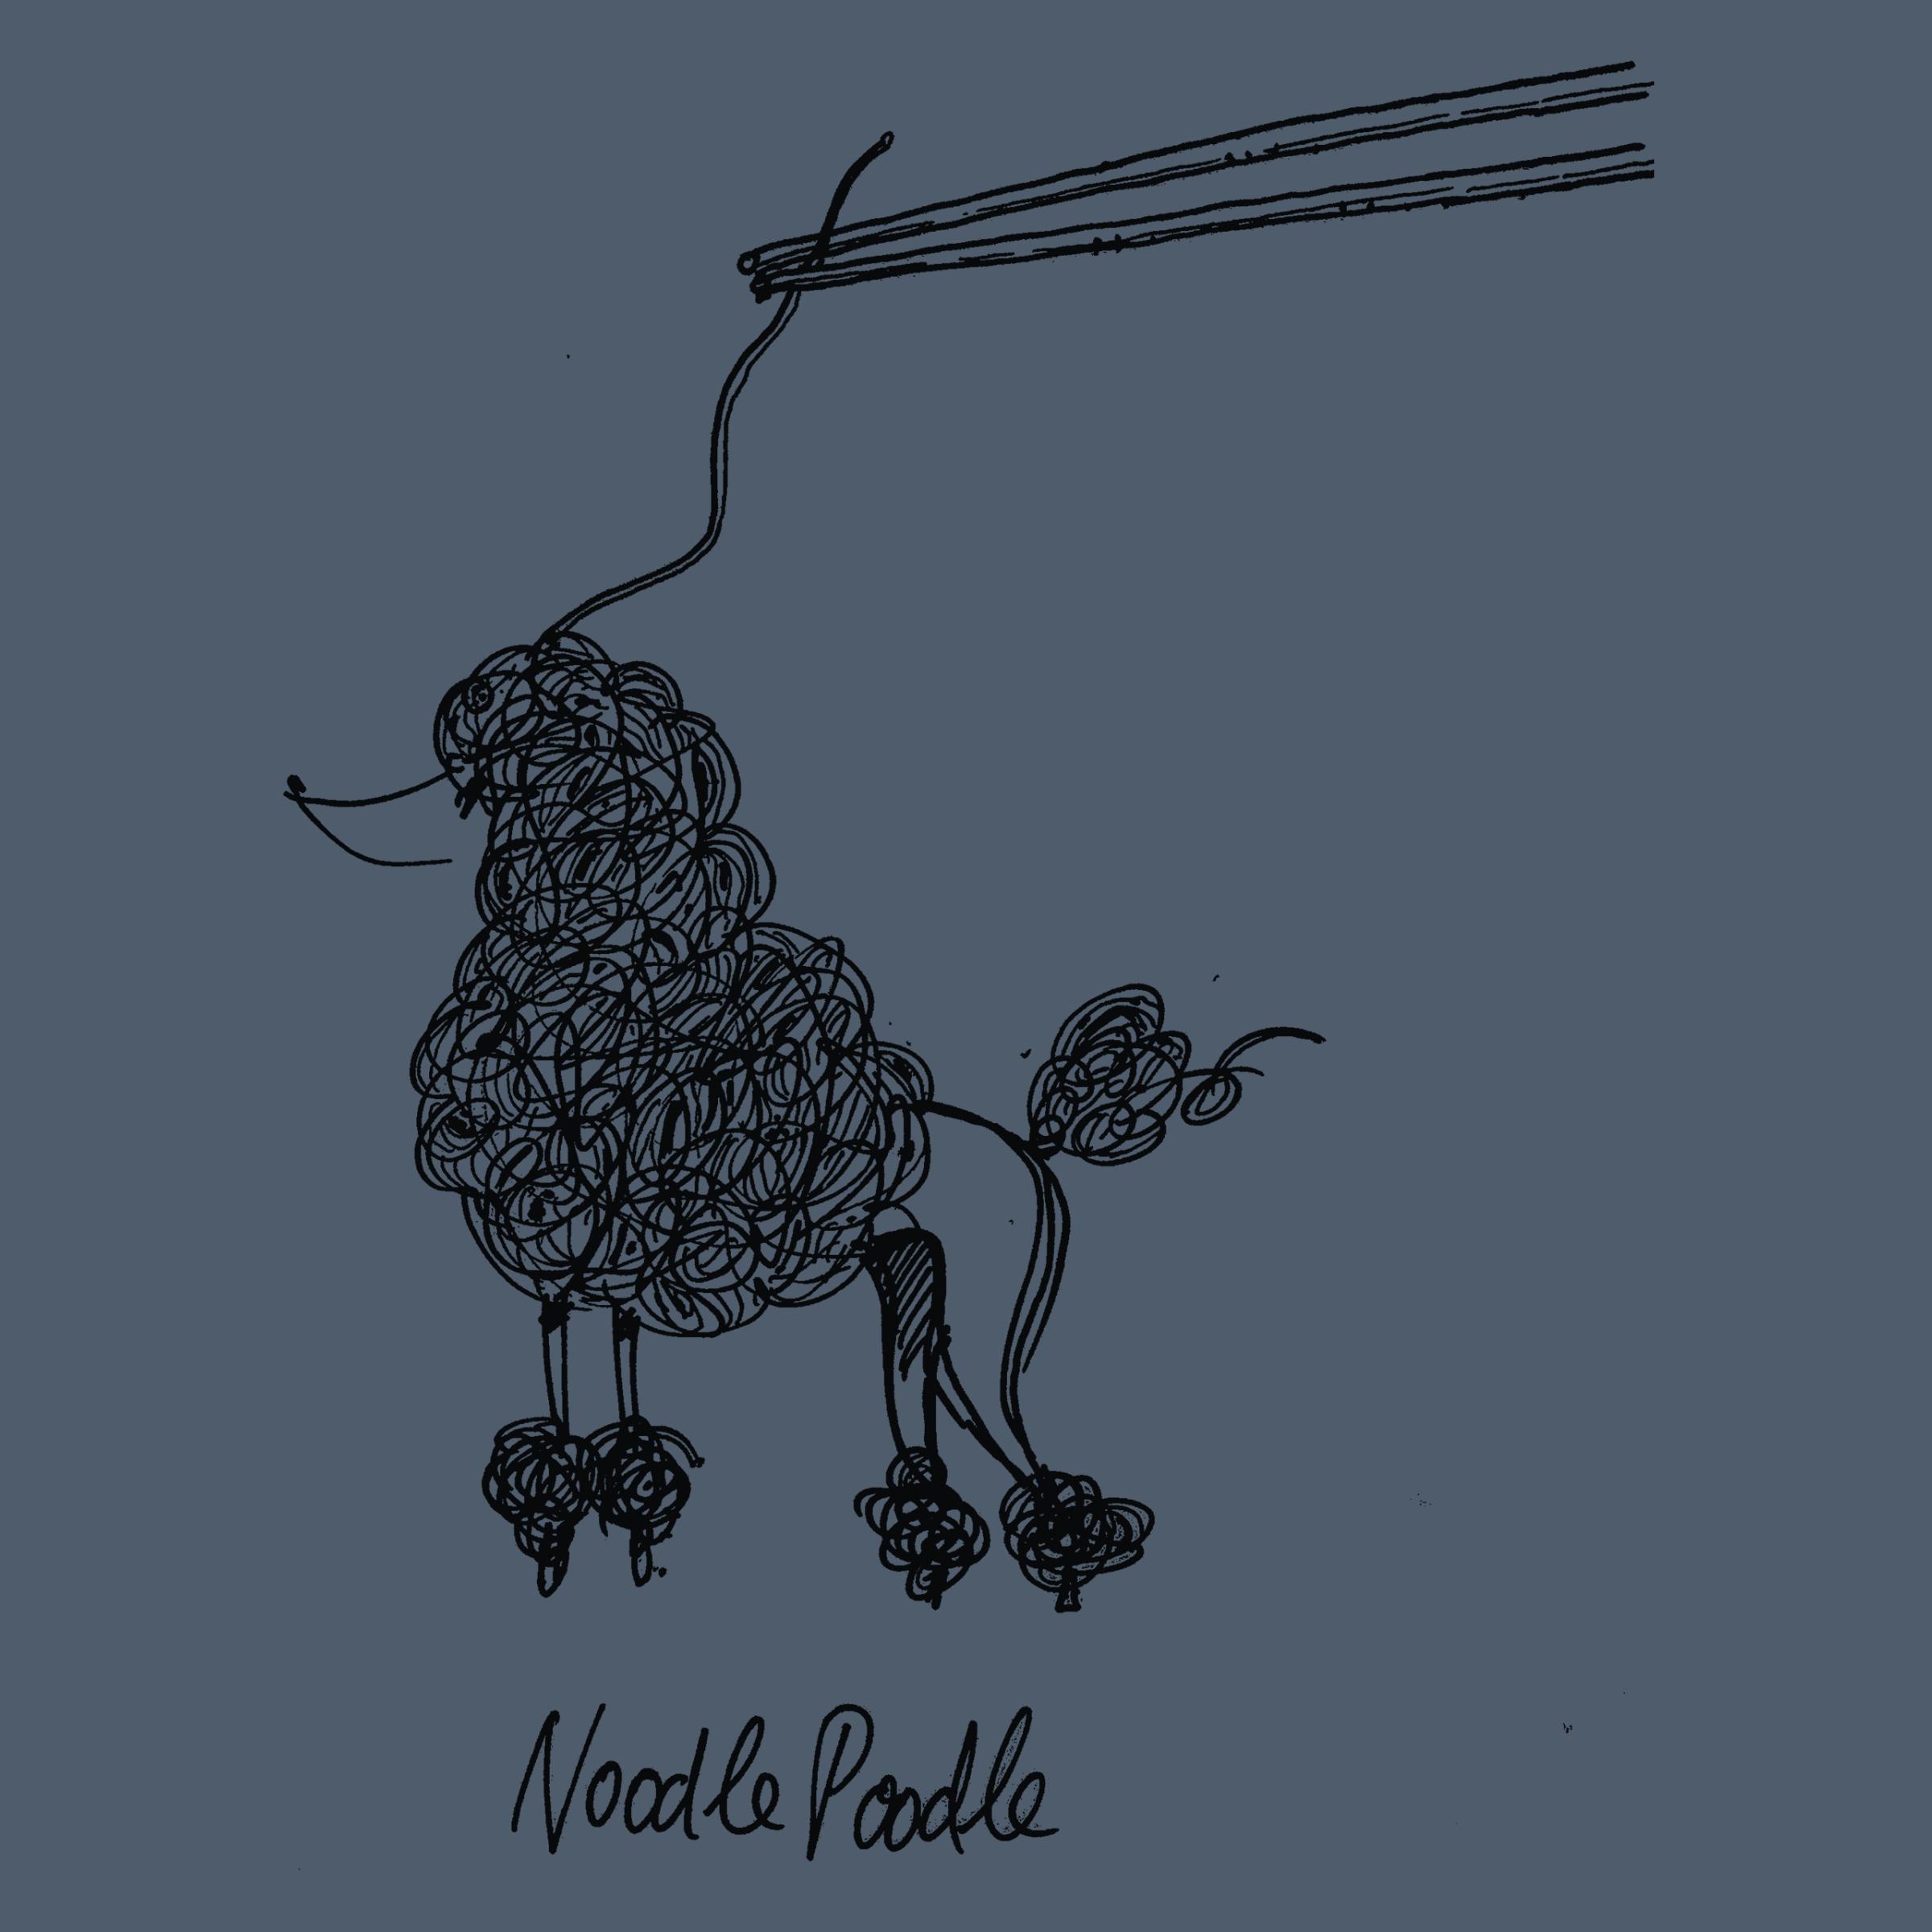 Noodle Poodle